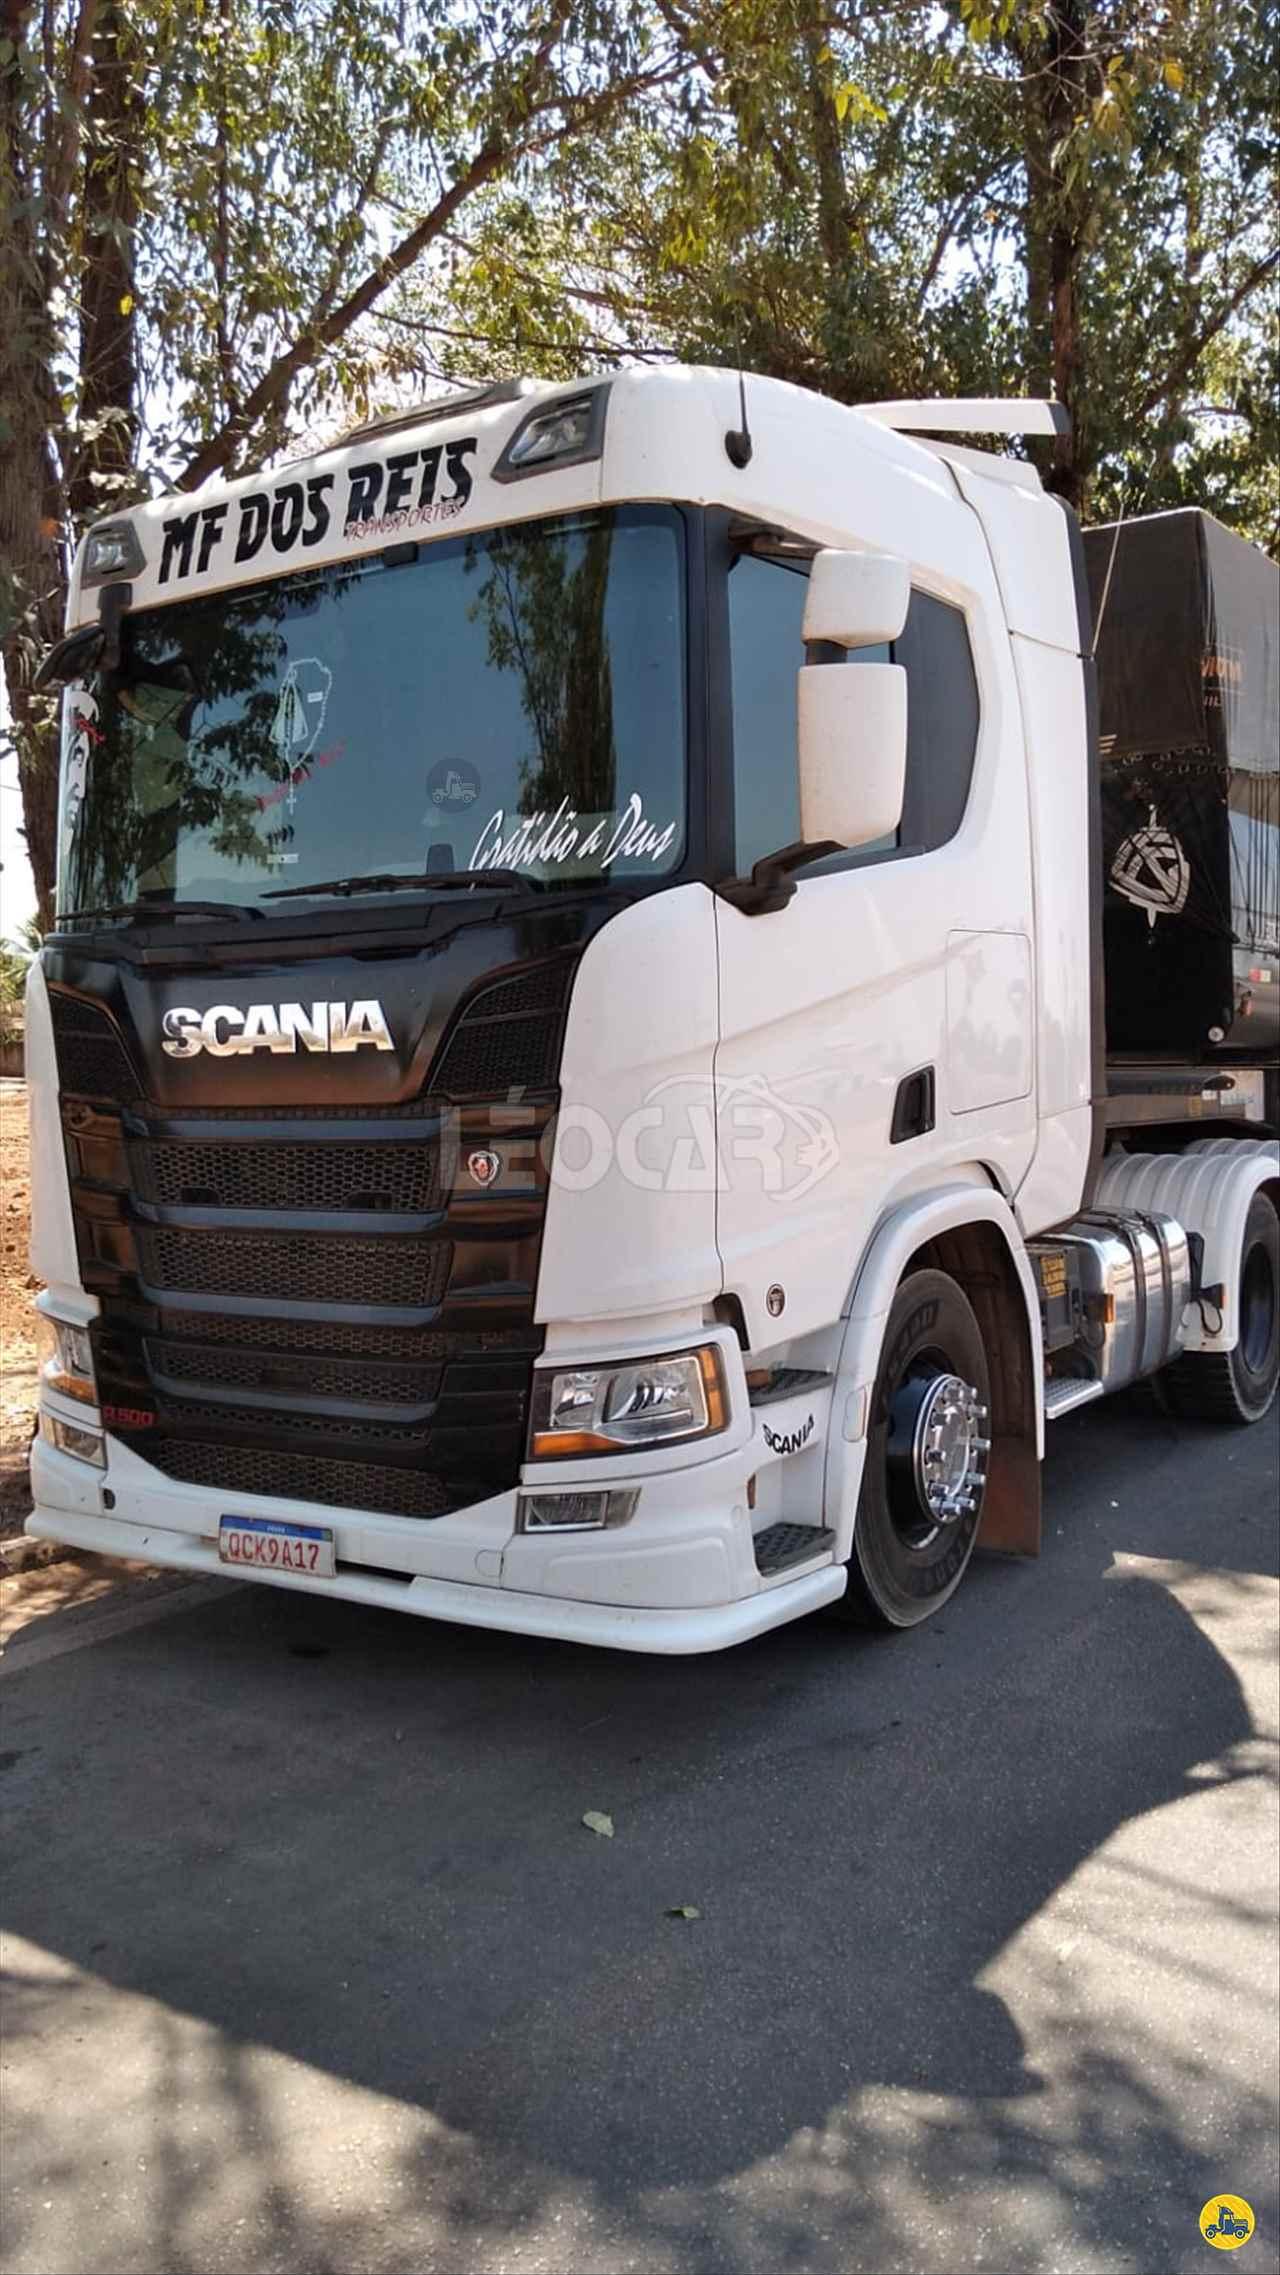 CAMINHAO SCANIA SCANIA 500 Cavalo Mecânico Traçado 6x4 Leocar Caminhões PRIMAVERA DO LESTE MATO GROSSO MT